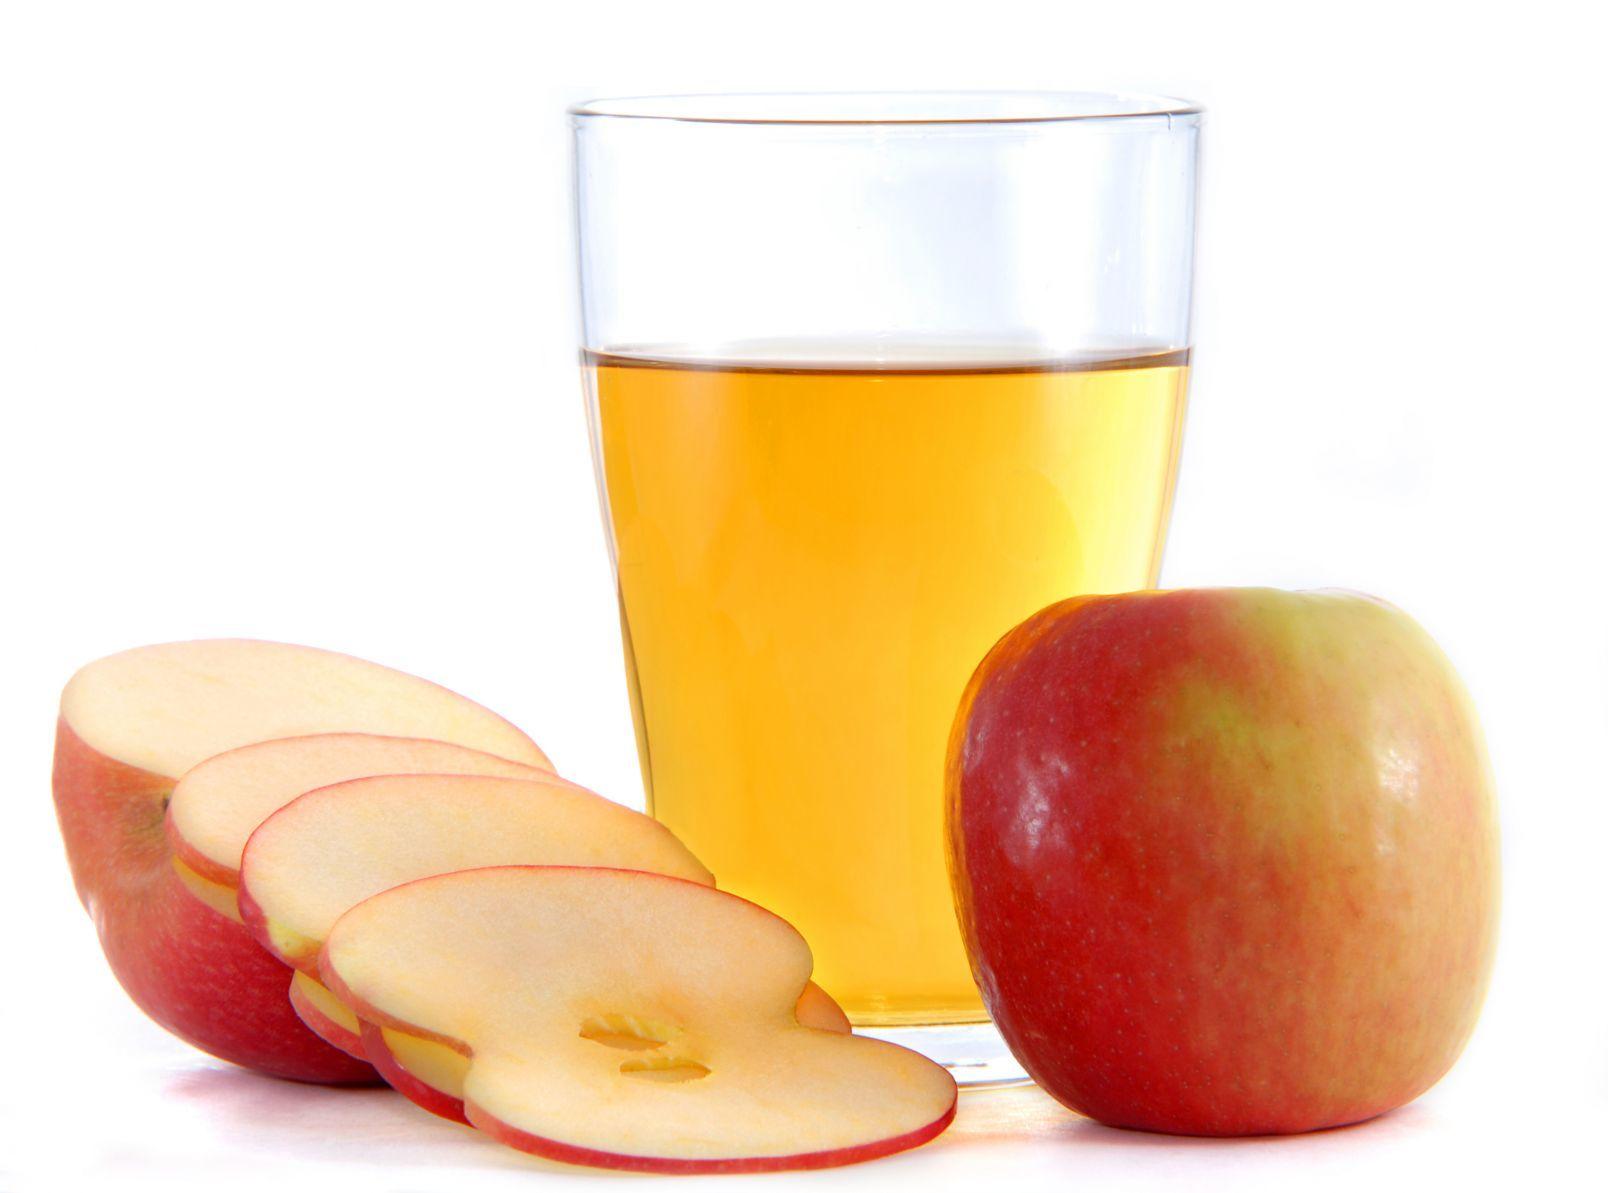 apple cider vinegar to lighten hair